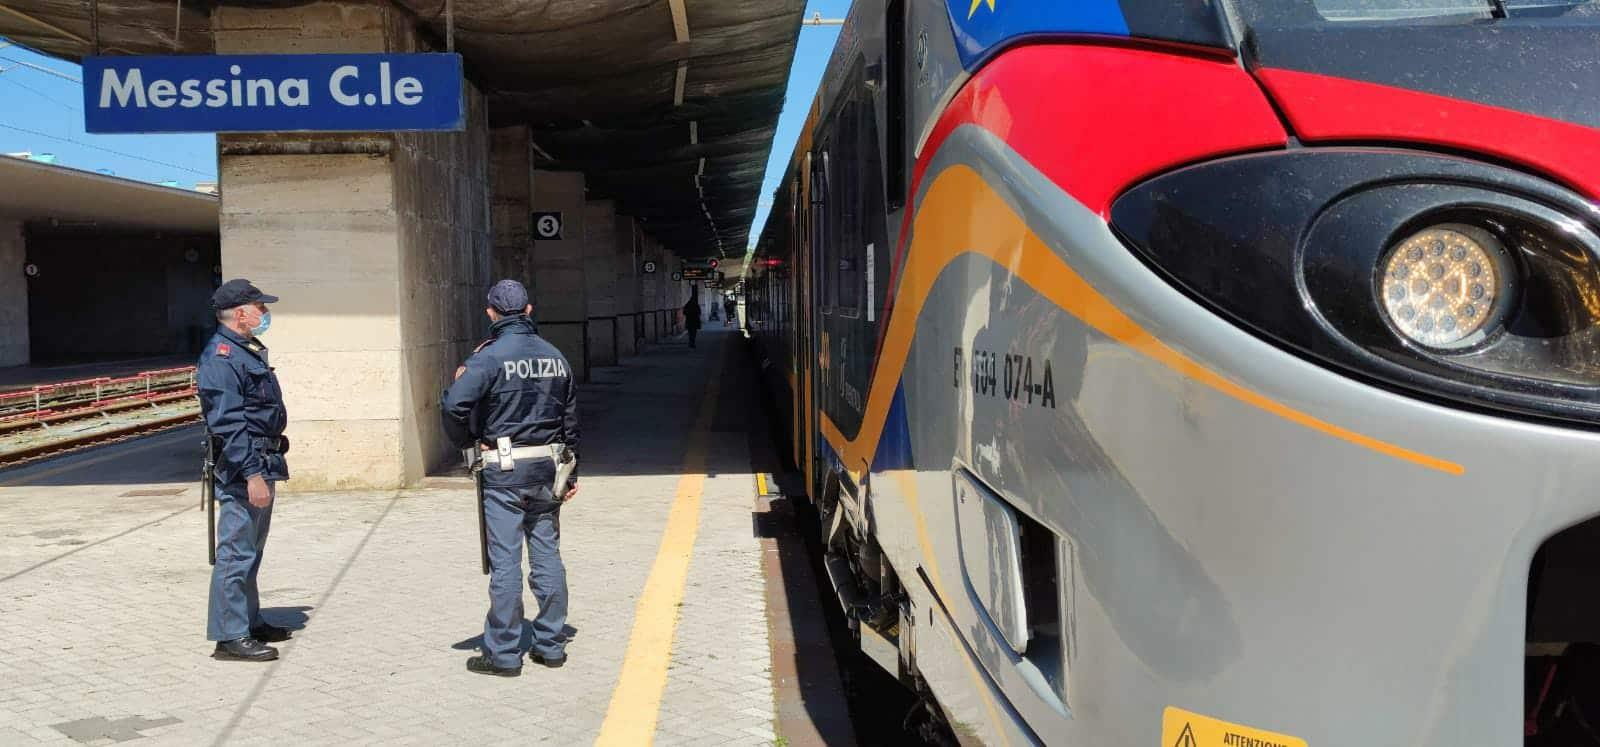 Paura alla Stazione, ragazze molestate sul tram fuggono terrorizzate in cerca di aiuto: arrestato 59enne